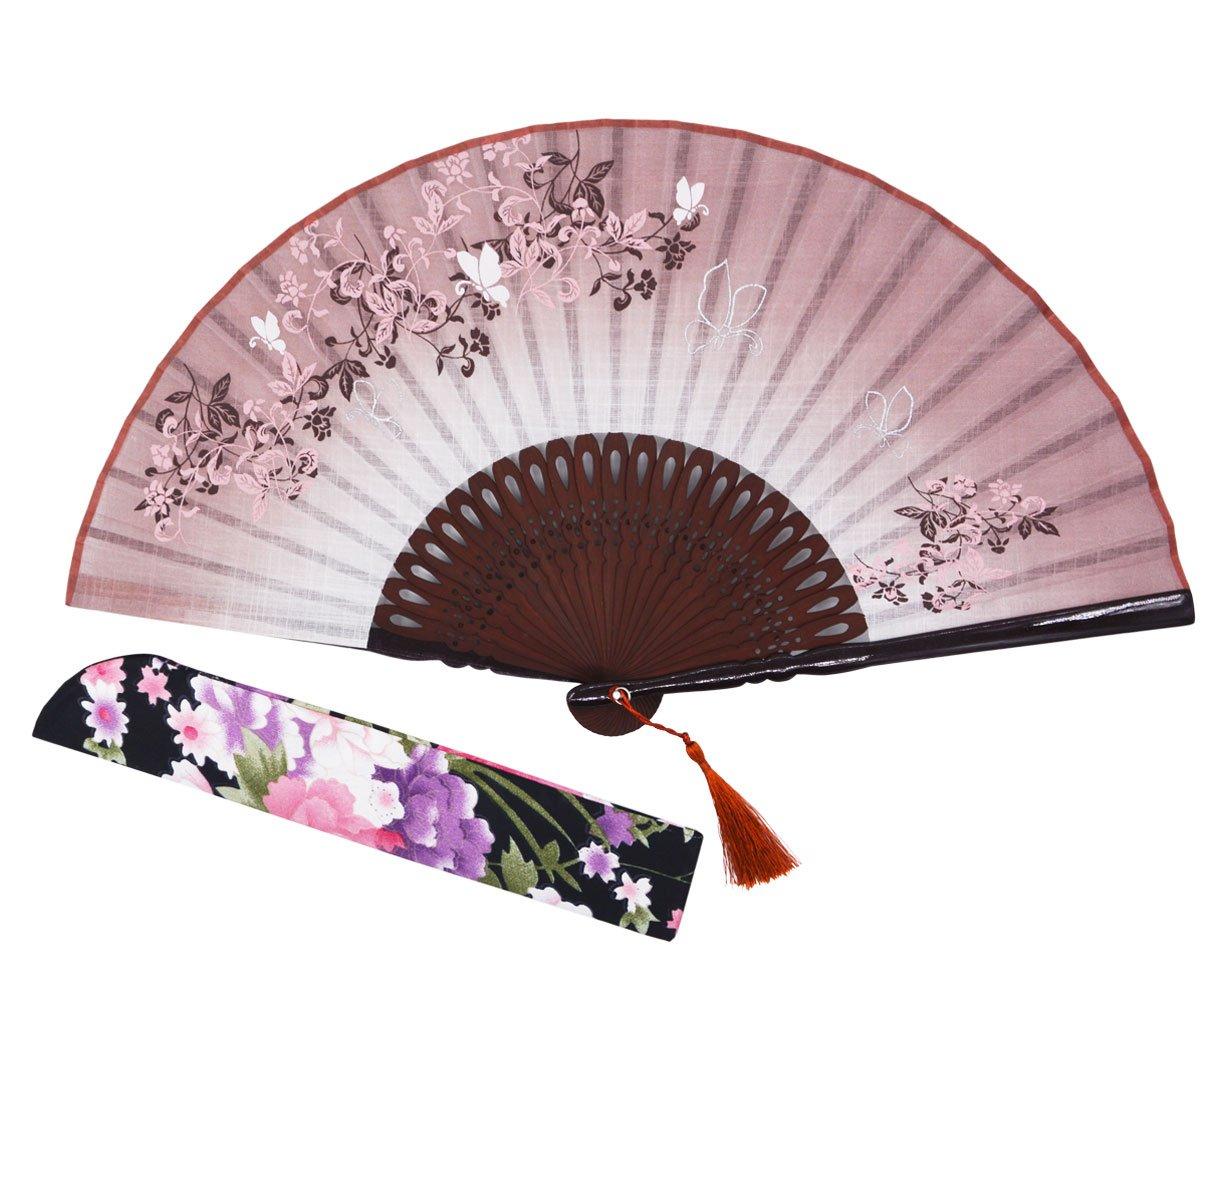 caf/é /Éventail pliant en soie et bambou perfor/é de 21/cm avec /étui de protection Sthuahe style vintage chinois//japonais